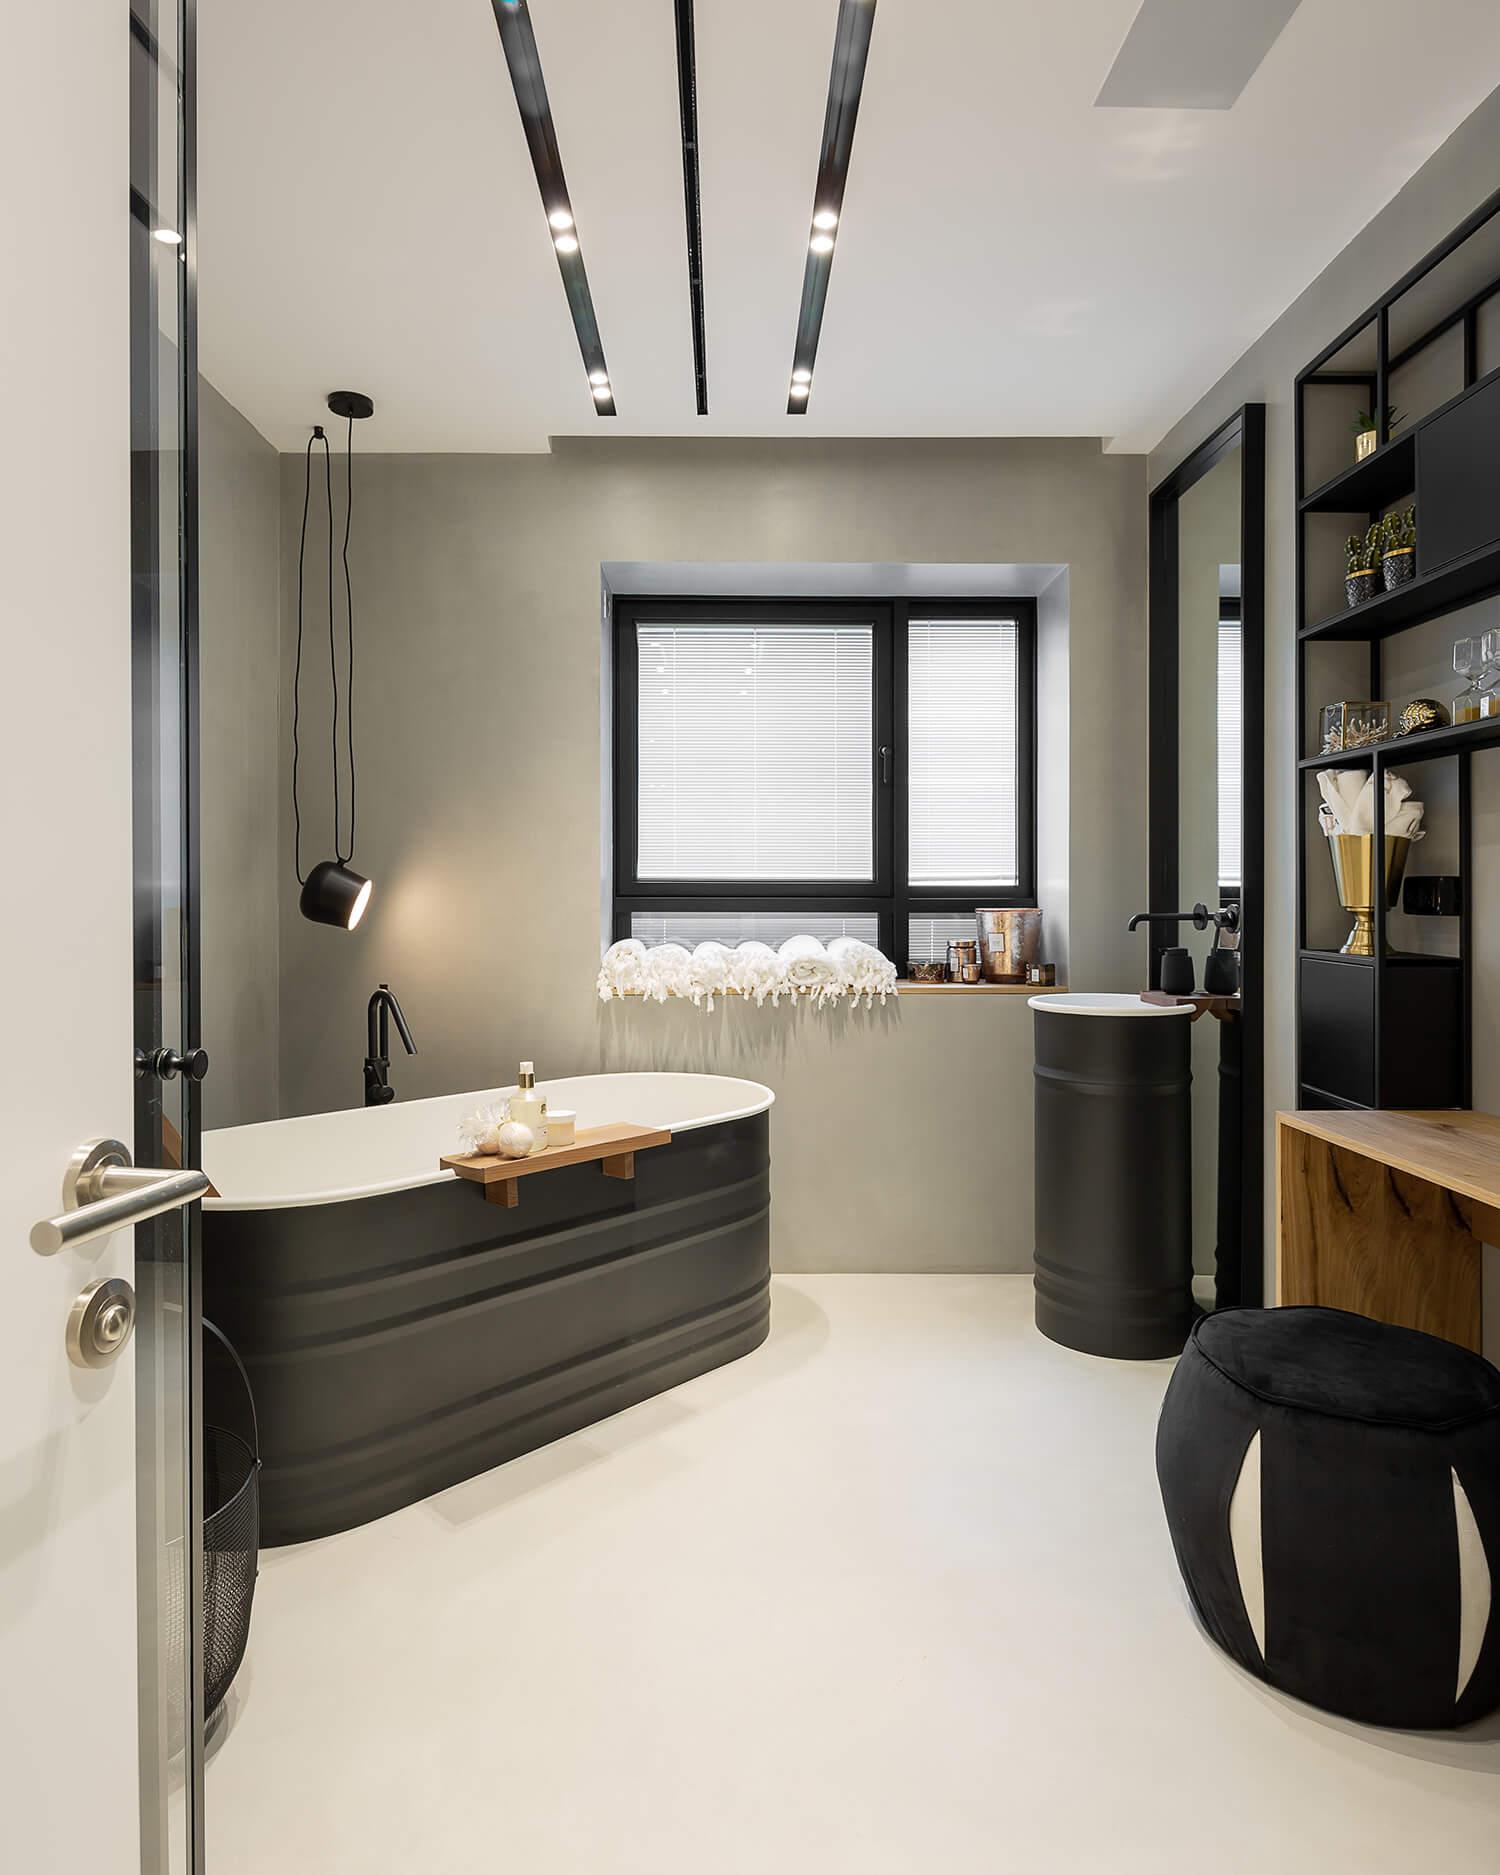 תאורה למקלחת בעיצוב של סיטי לייט